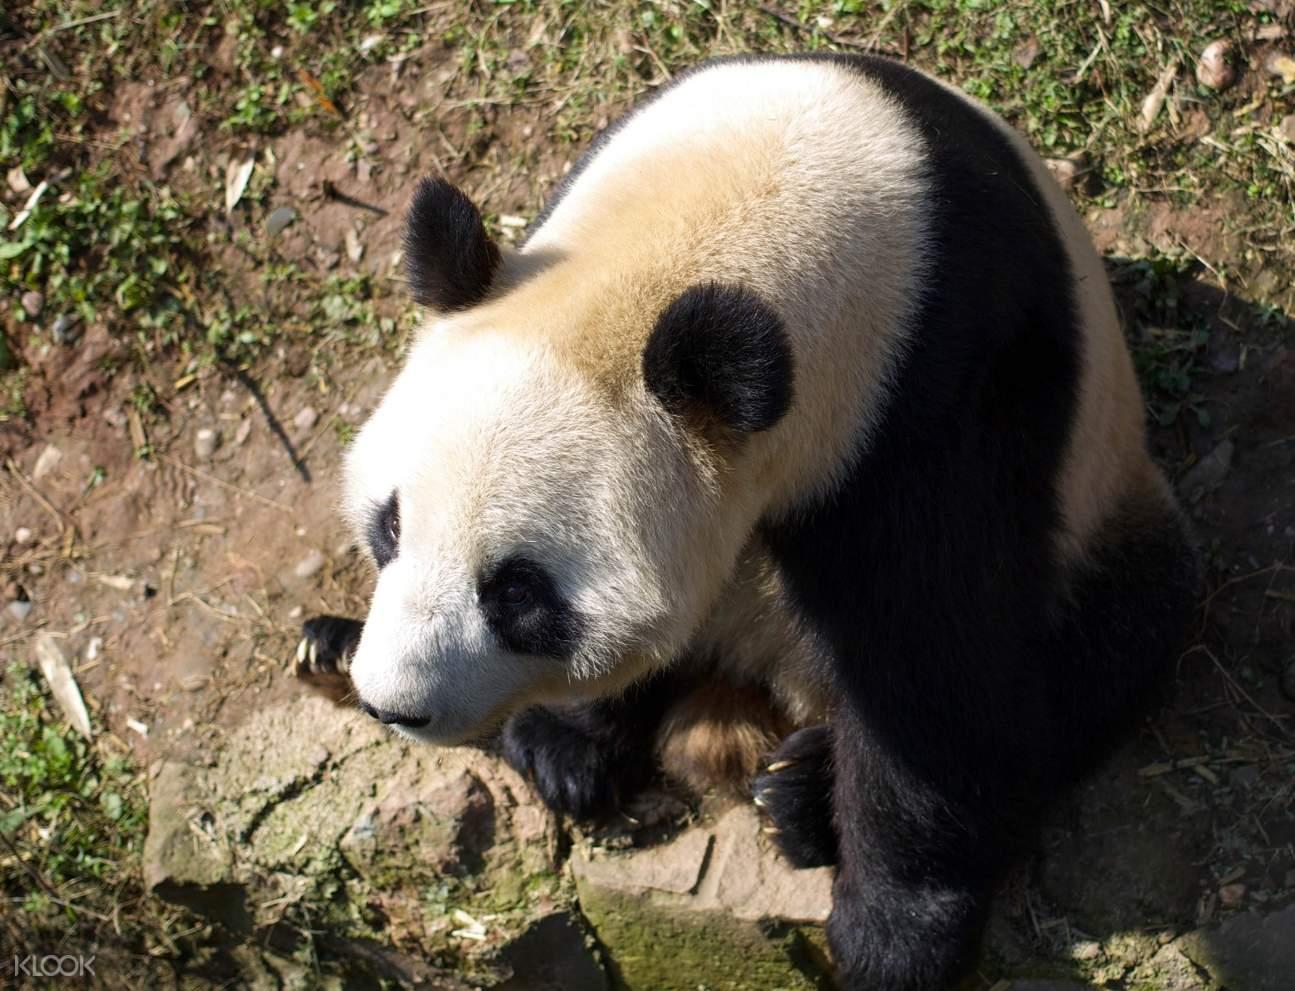 都江堰大熊貓保育基地飼養員,熊貓飼養員體驗,熊貓飼養員一日體驗